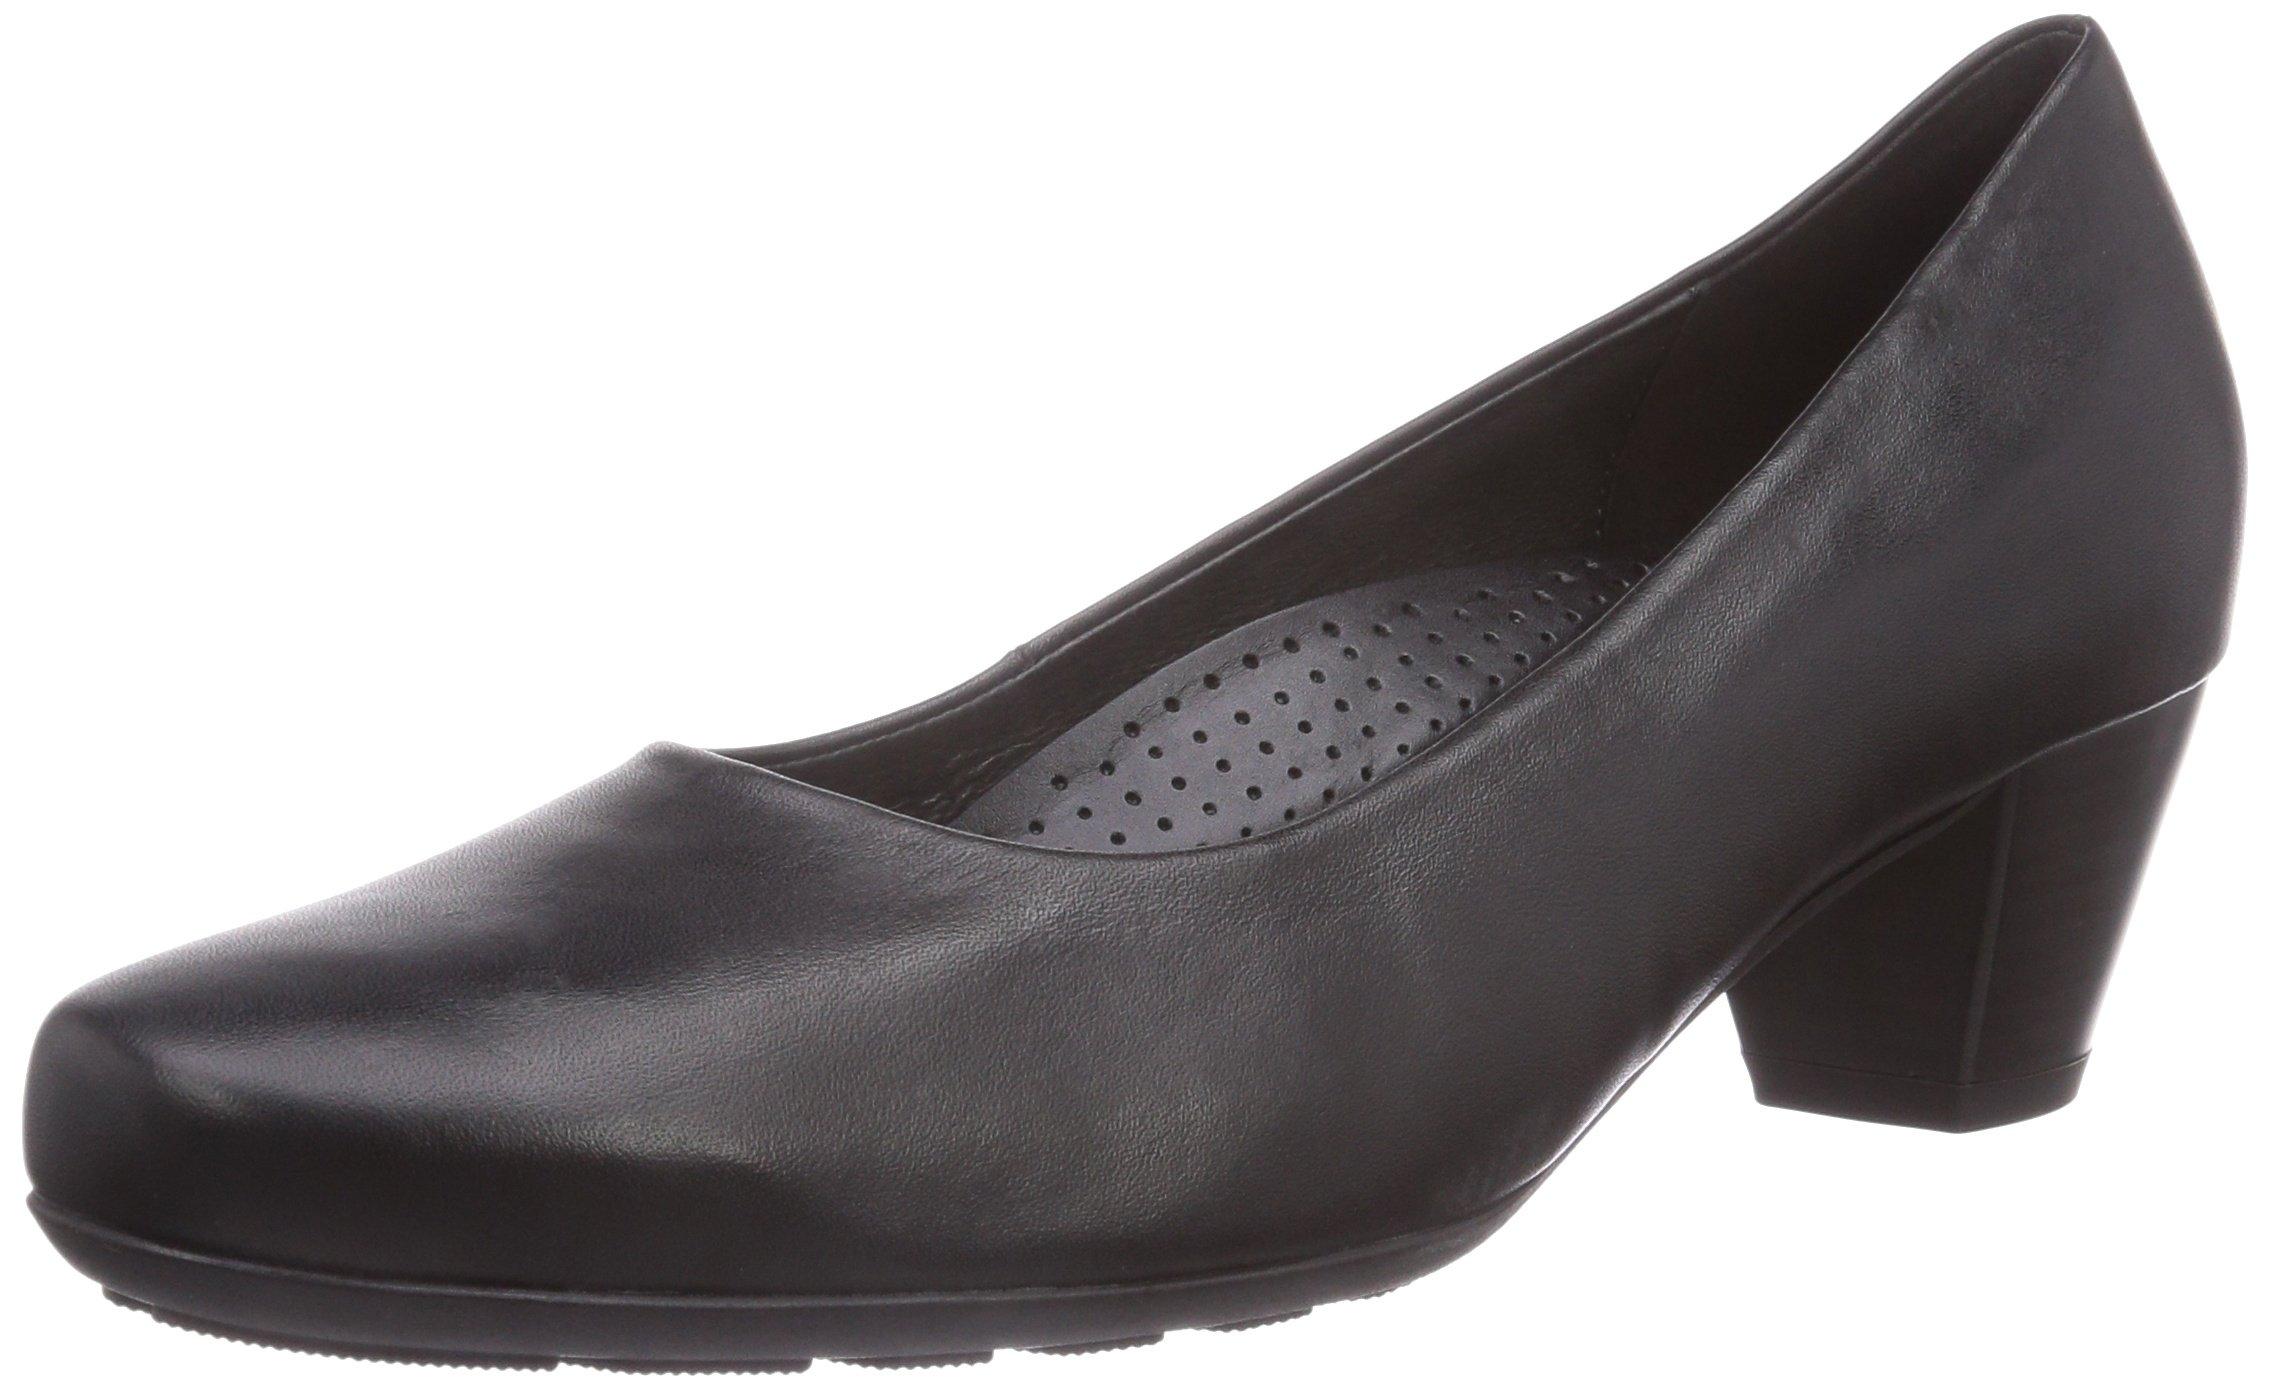 (TG. 40,5 EU) donna, Gabor Brambling, Court shoes donna, EU) Nero, 40.5 EU (B7W) 3cf34e